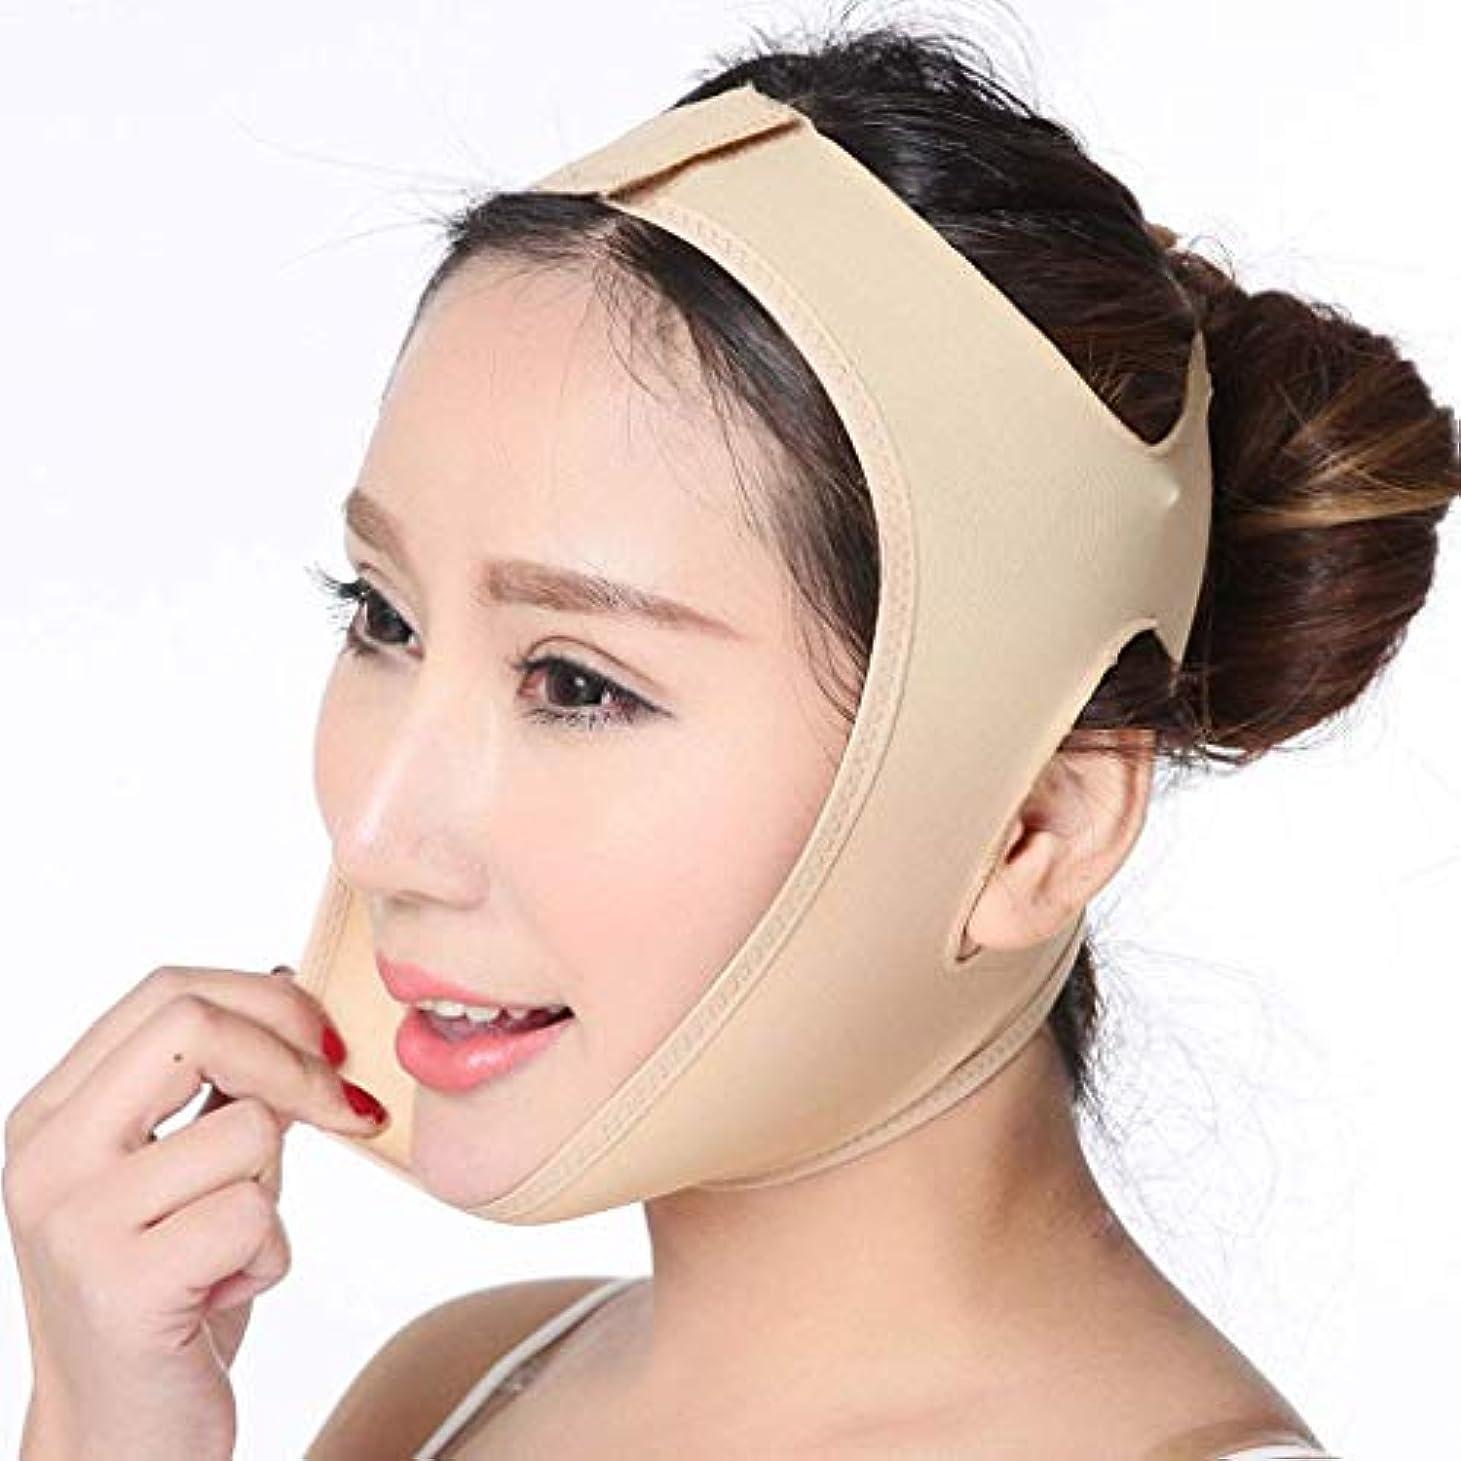 アーサーコナンドイル賠償ミニチュアフェイスリフティング包帯、スリムマスク頬紅顔/痩身包帯をスリミング睡眠とV顔は、二重あご通気性、肌を減らす (XXL)